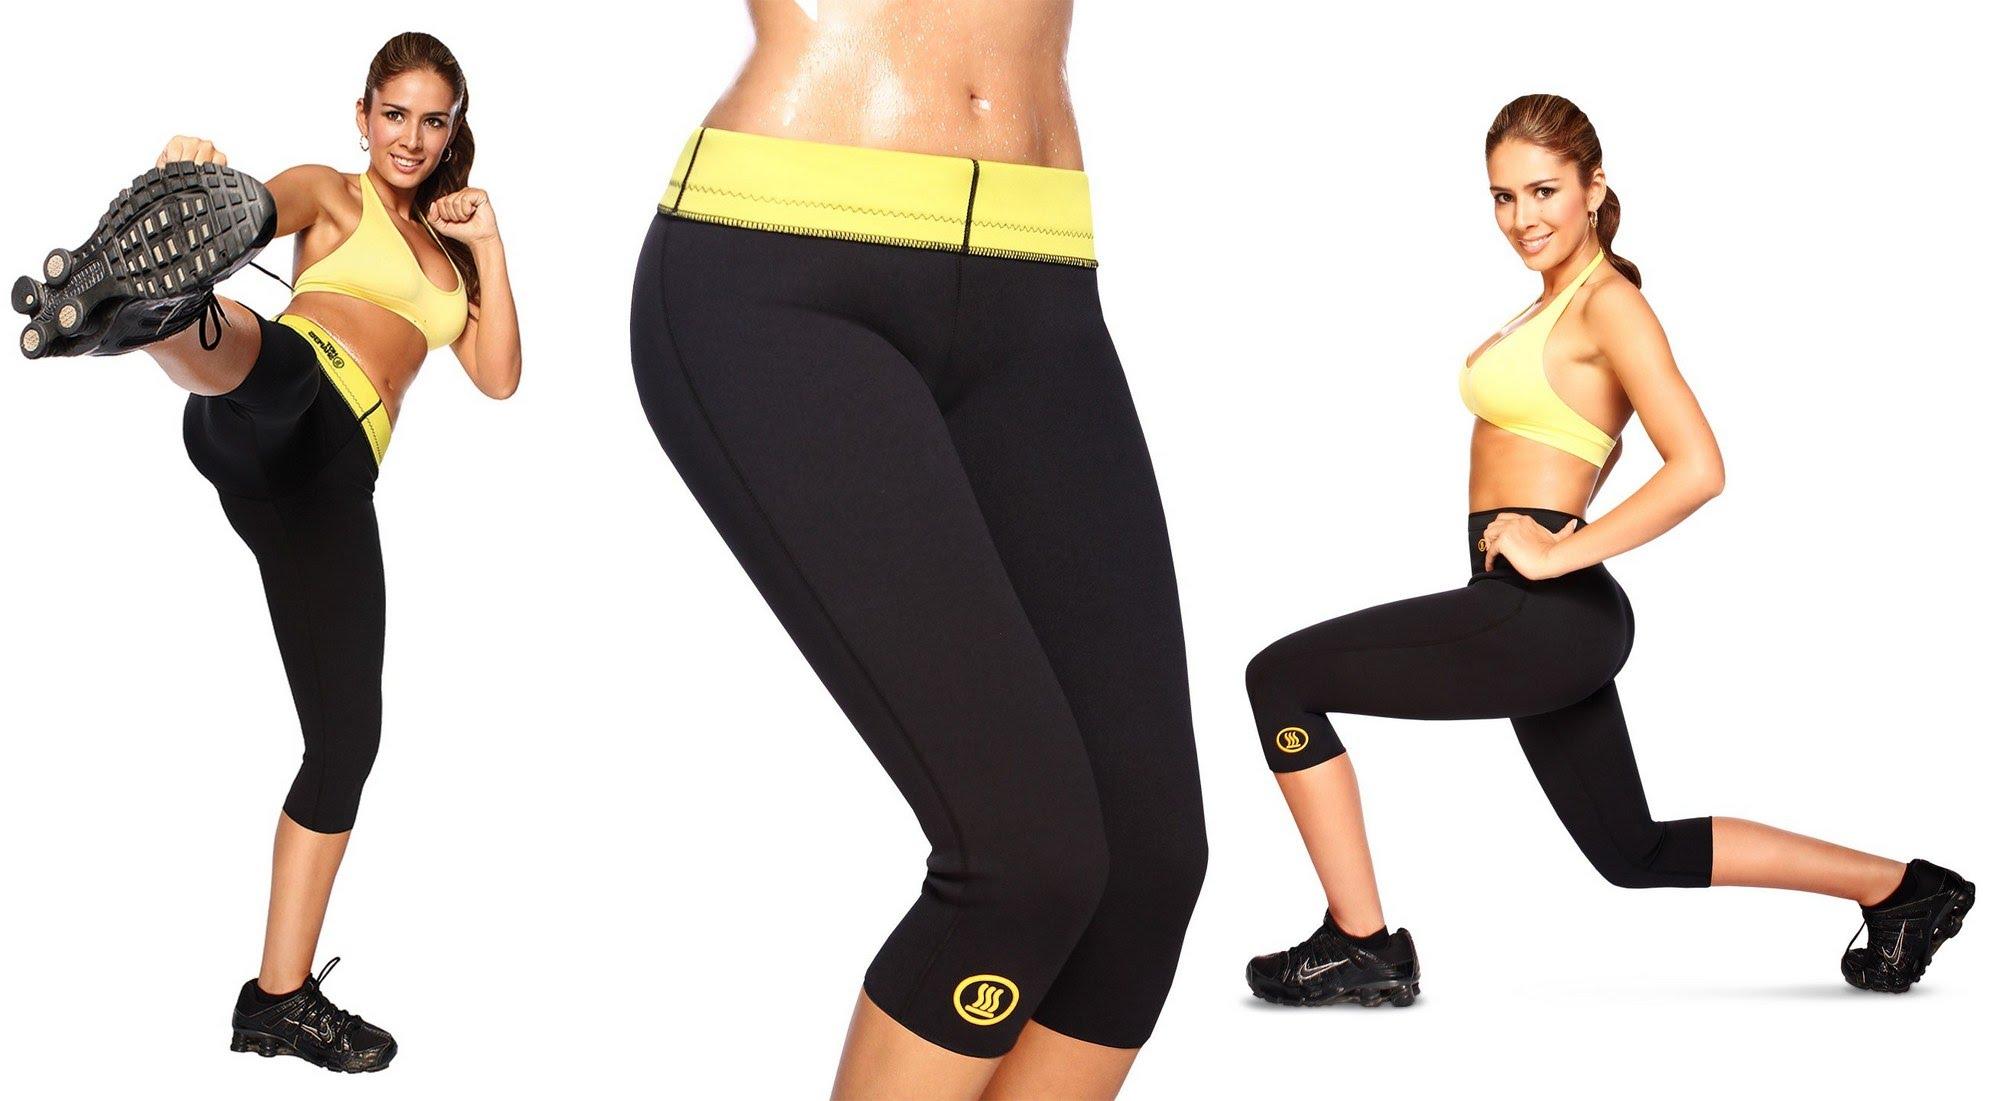 Экспресс! Неопреновая одежда для активного похудения! Эффект сауны! Появились особые майки и топы!